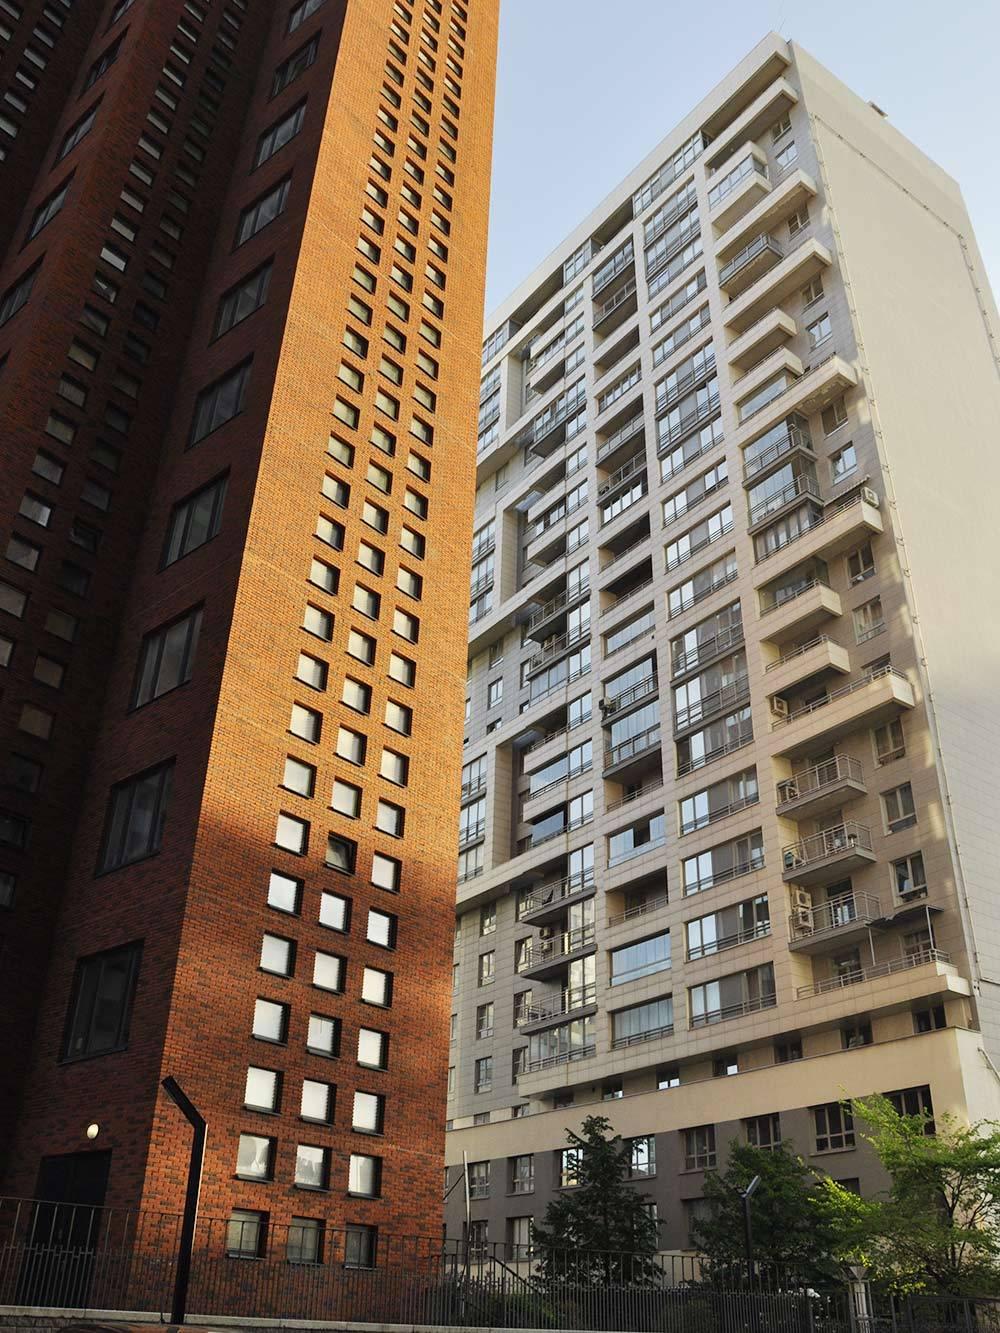 В 75-м квартале уже построили коммерческие высотки. Застройка очень плотная, между домами 20—25 м. Здесь мало солнечного света, а вокруг одни заборы и бетон